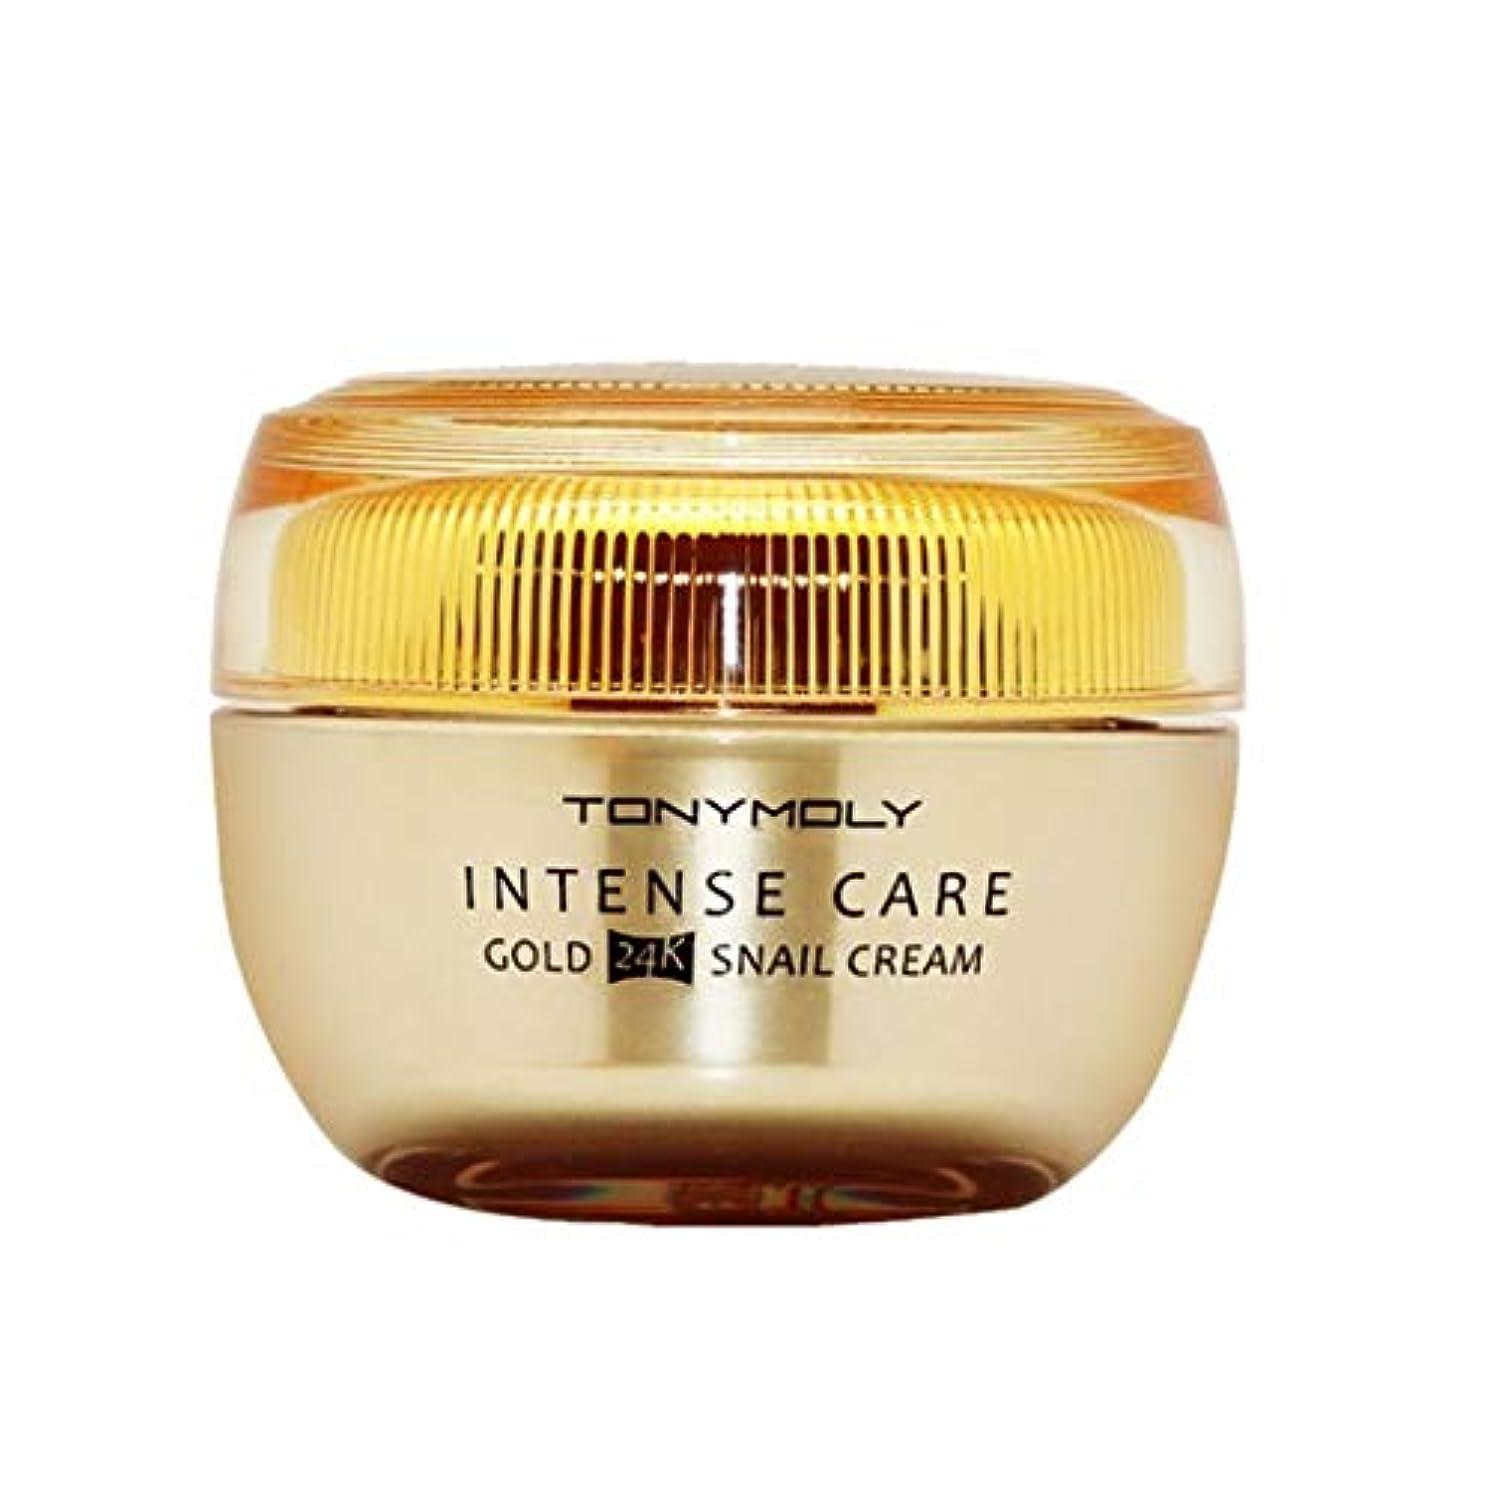 虎極貧血まみれトニーモリーインテンスケアゴールド24Kスネールクリーム45ml x 2本セット美白、シワ改善クリーム、Tonymoly Intense Care Gold 24K Snail Cream 45ml x 2ea Set...